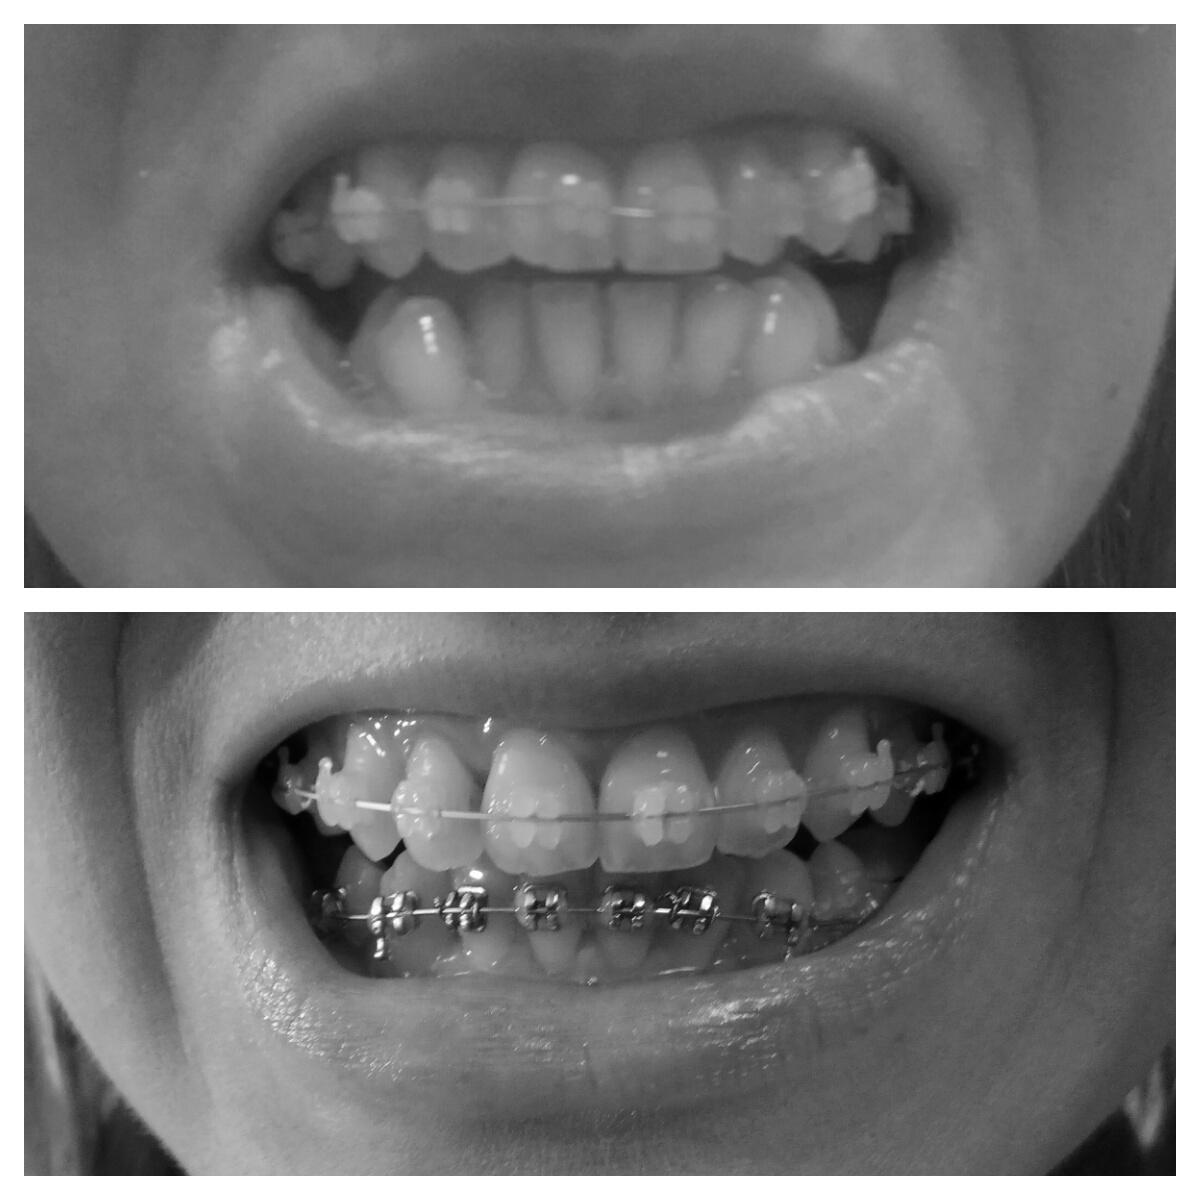 efekty leczenia ortodontycznego po 8 miesiącach dół zadrutowani